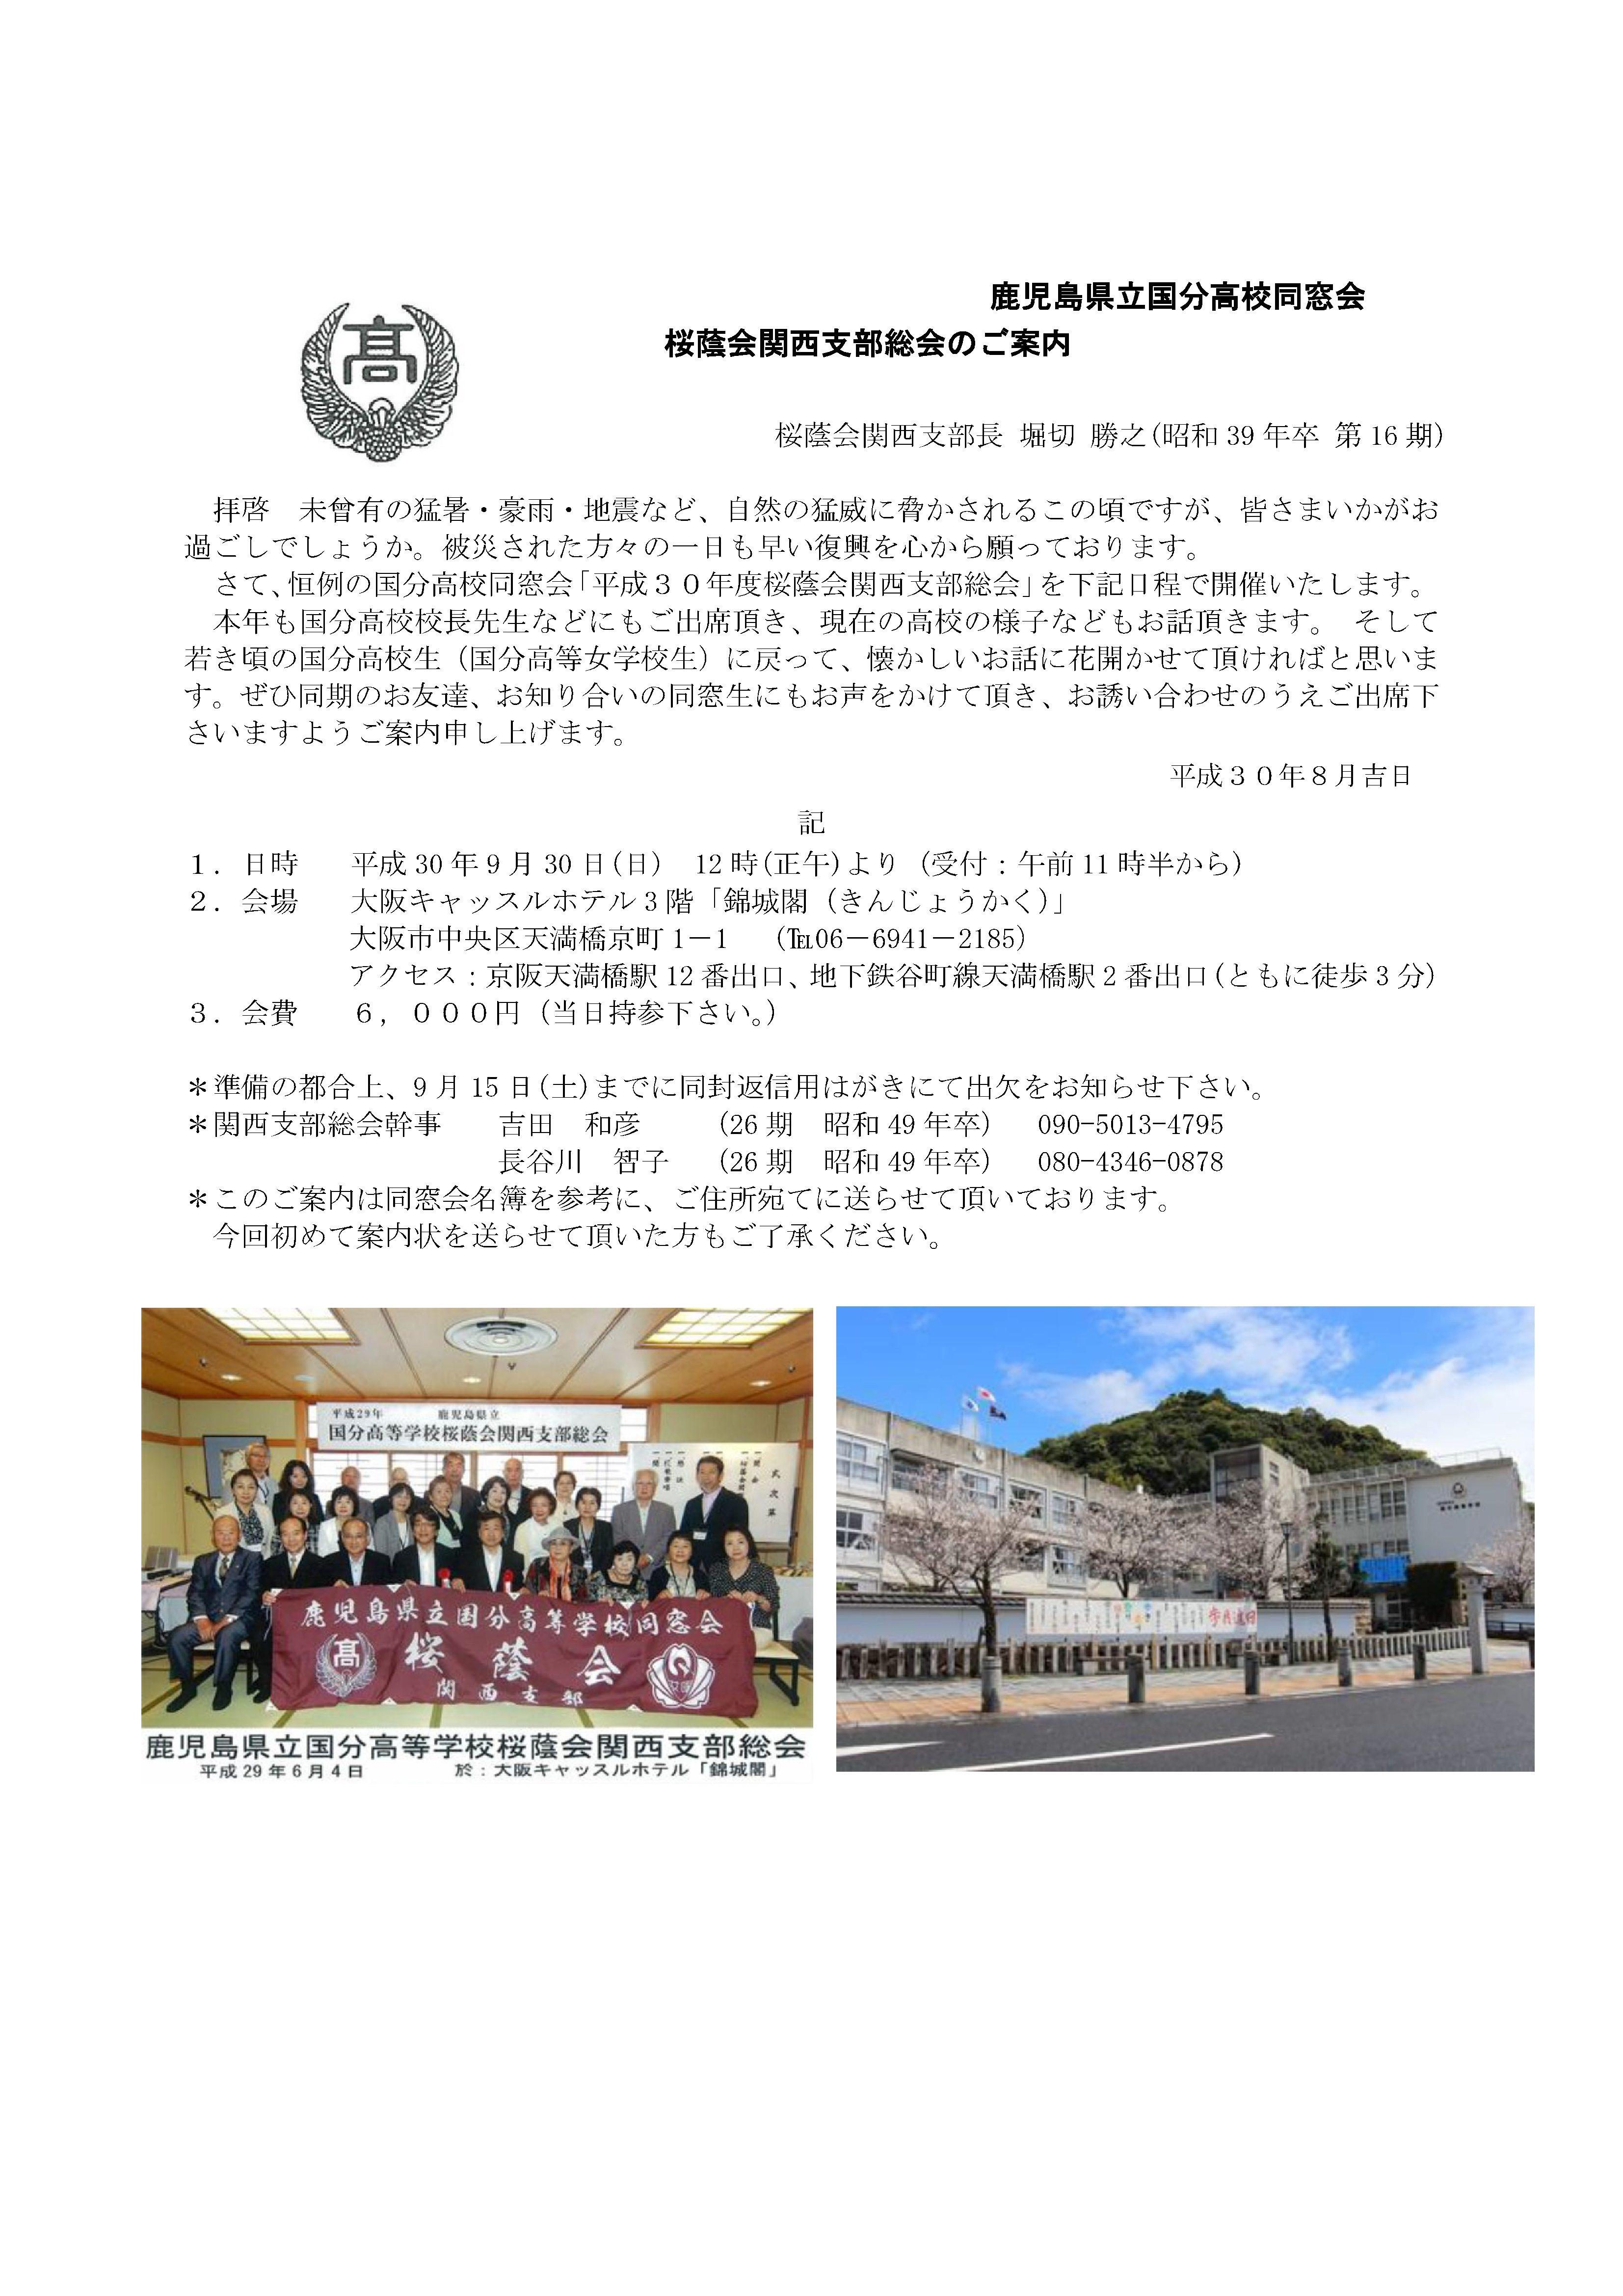 国分高校桜蔭会関西支部総会の案内